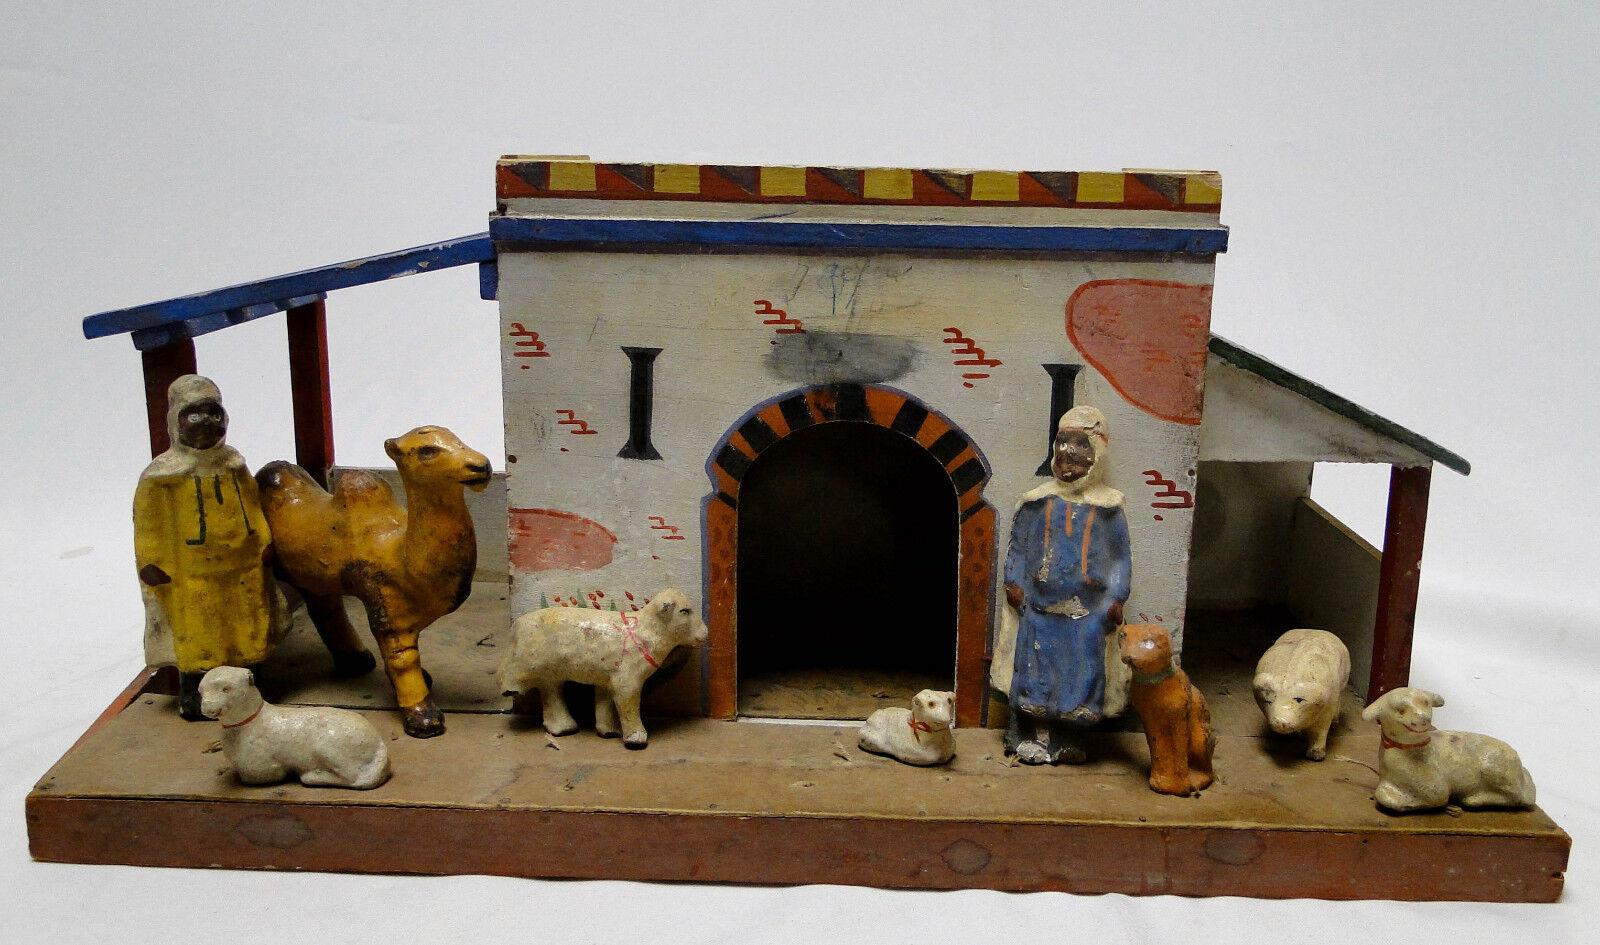 Juguete Antiguo De Madera estable árabe con 2 2 2 hombres y animales composición  distribución global